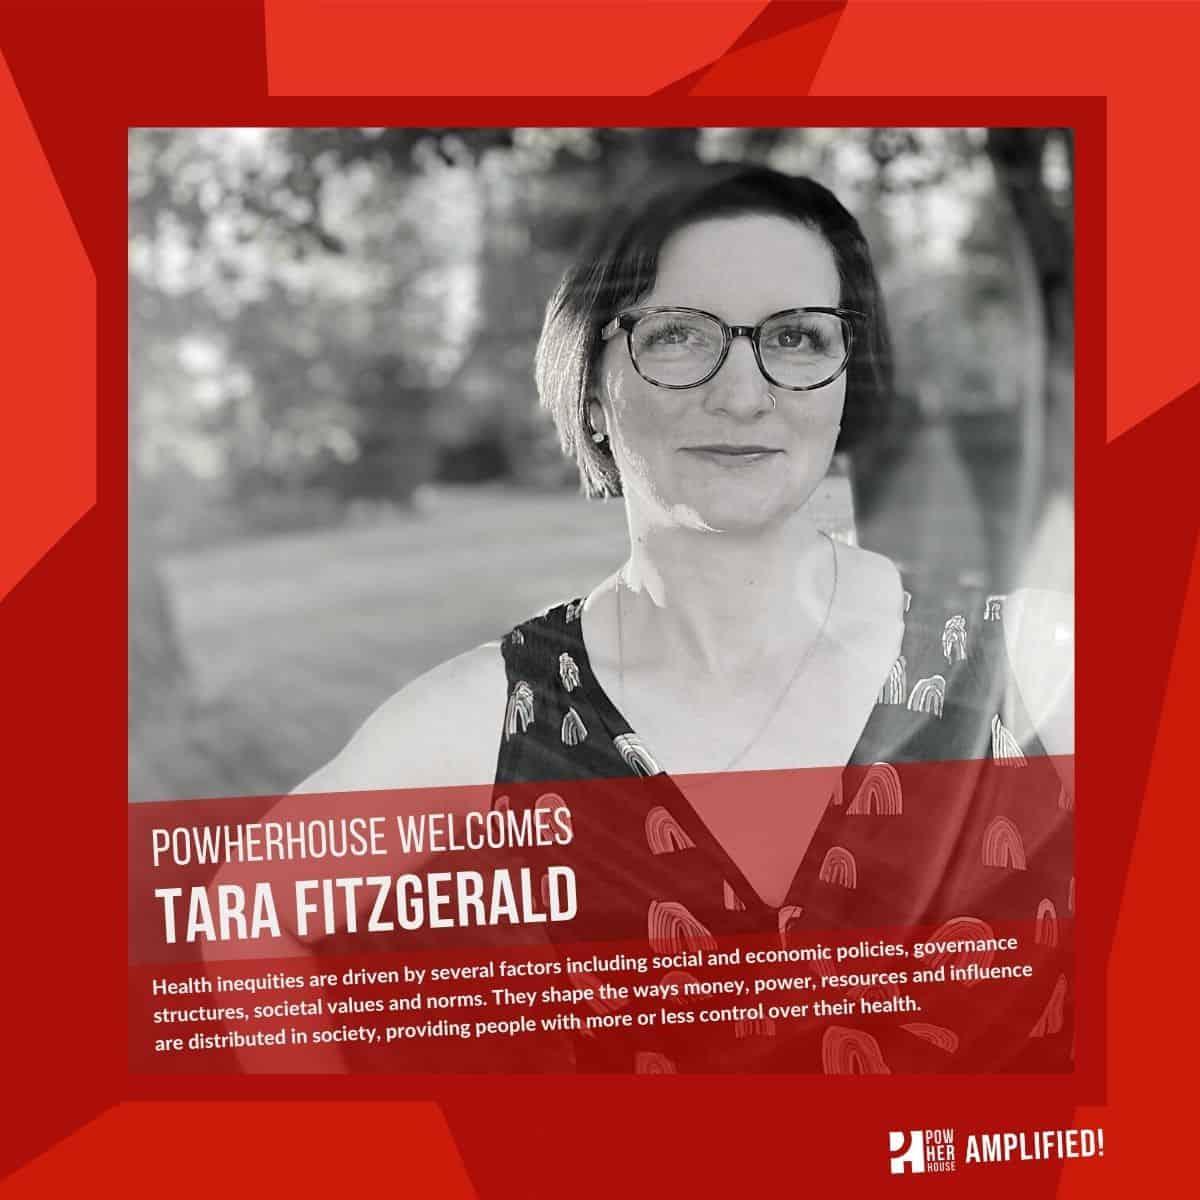 Powherhouse welcomes - Tara F